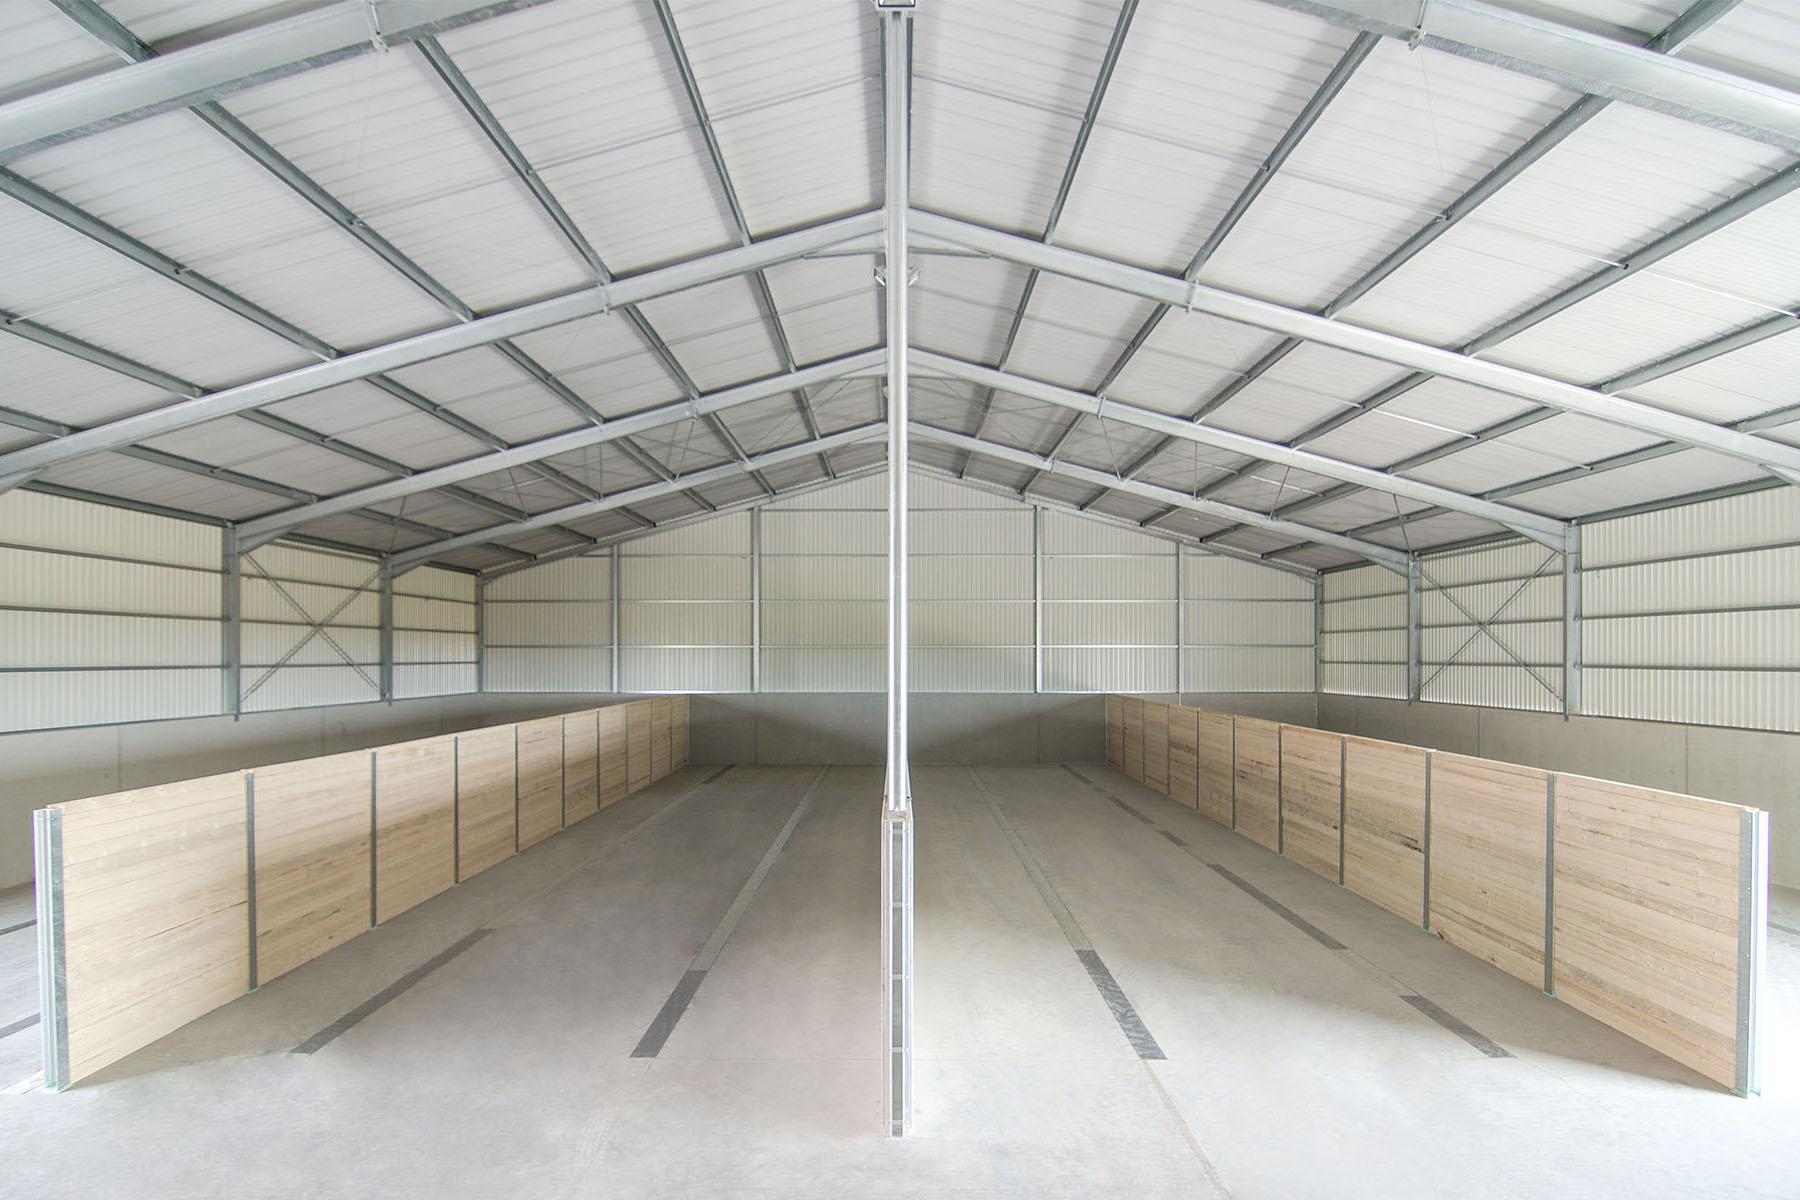 Stahlhalle mit Schüttwänden